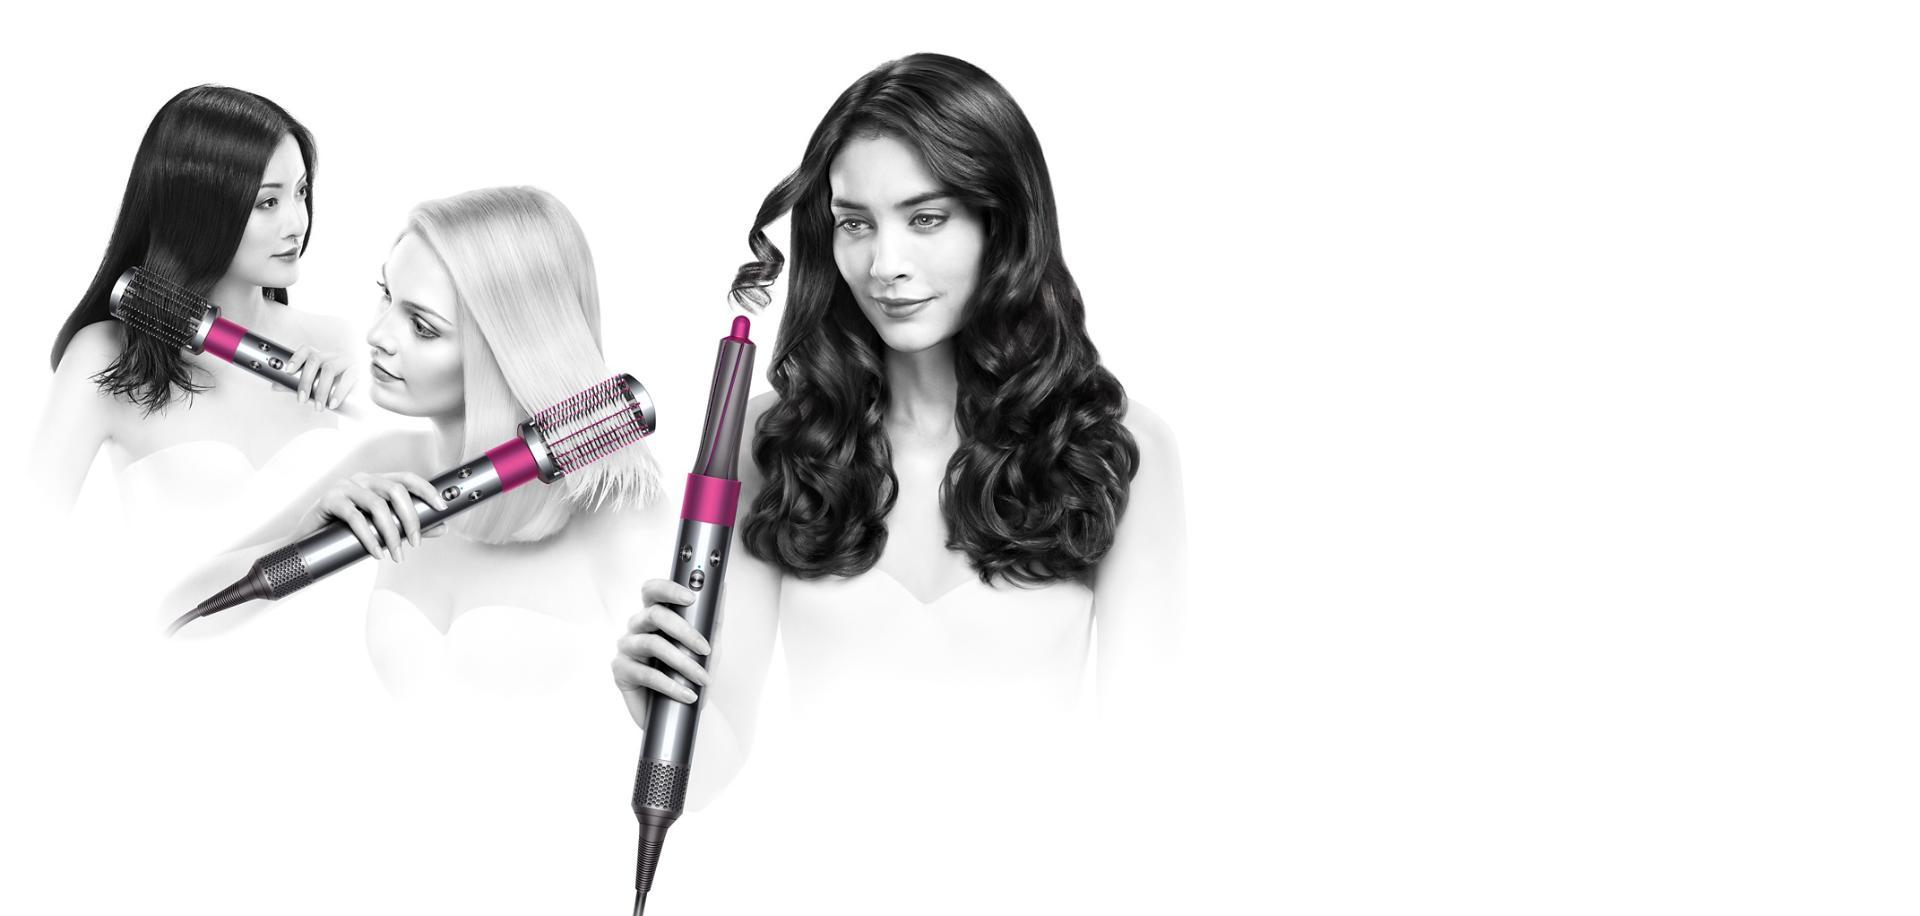 عارضات يستخدمن مصفف الشعر Dyson Airwrap لتصفيف شعرهن بملحقات مختلفة